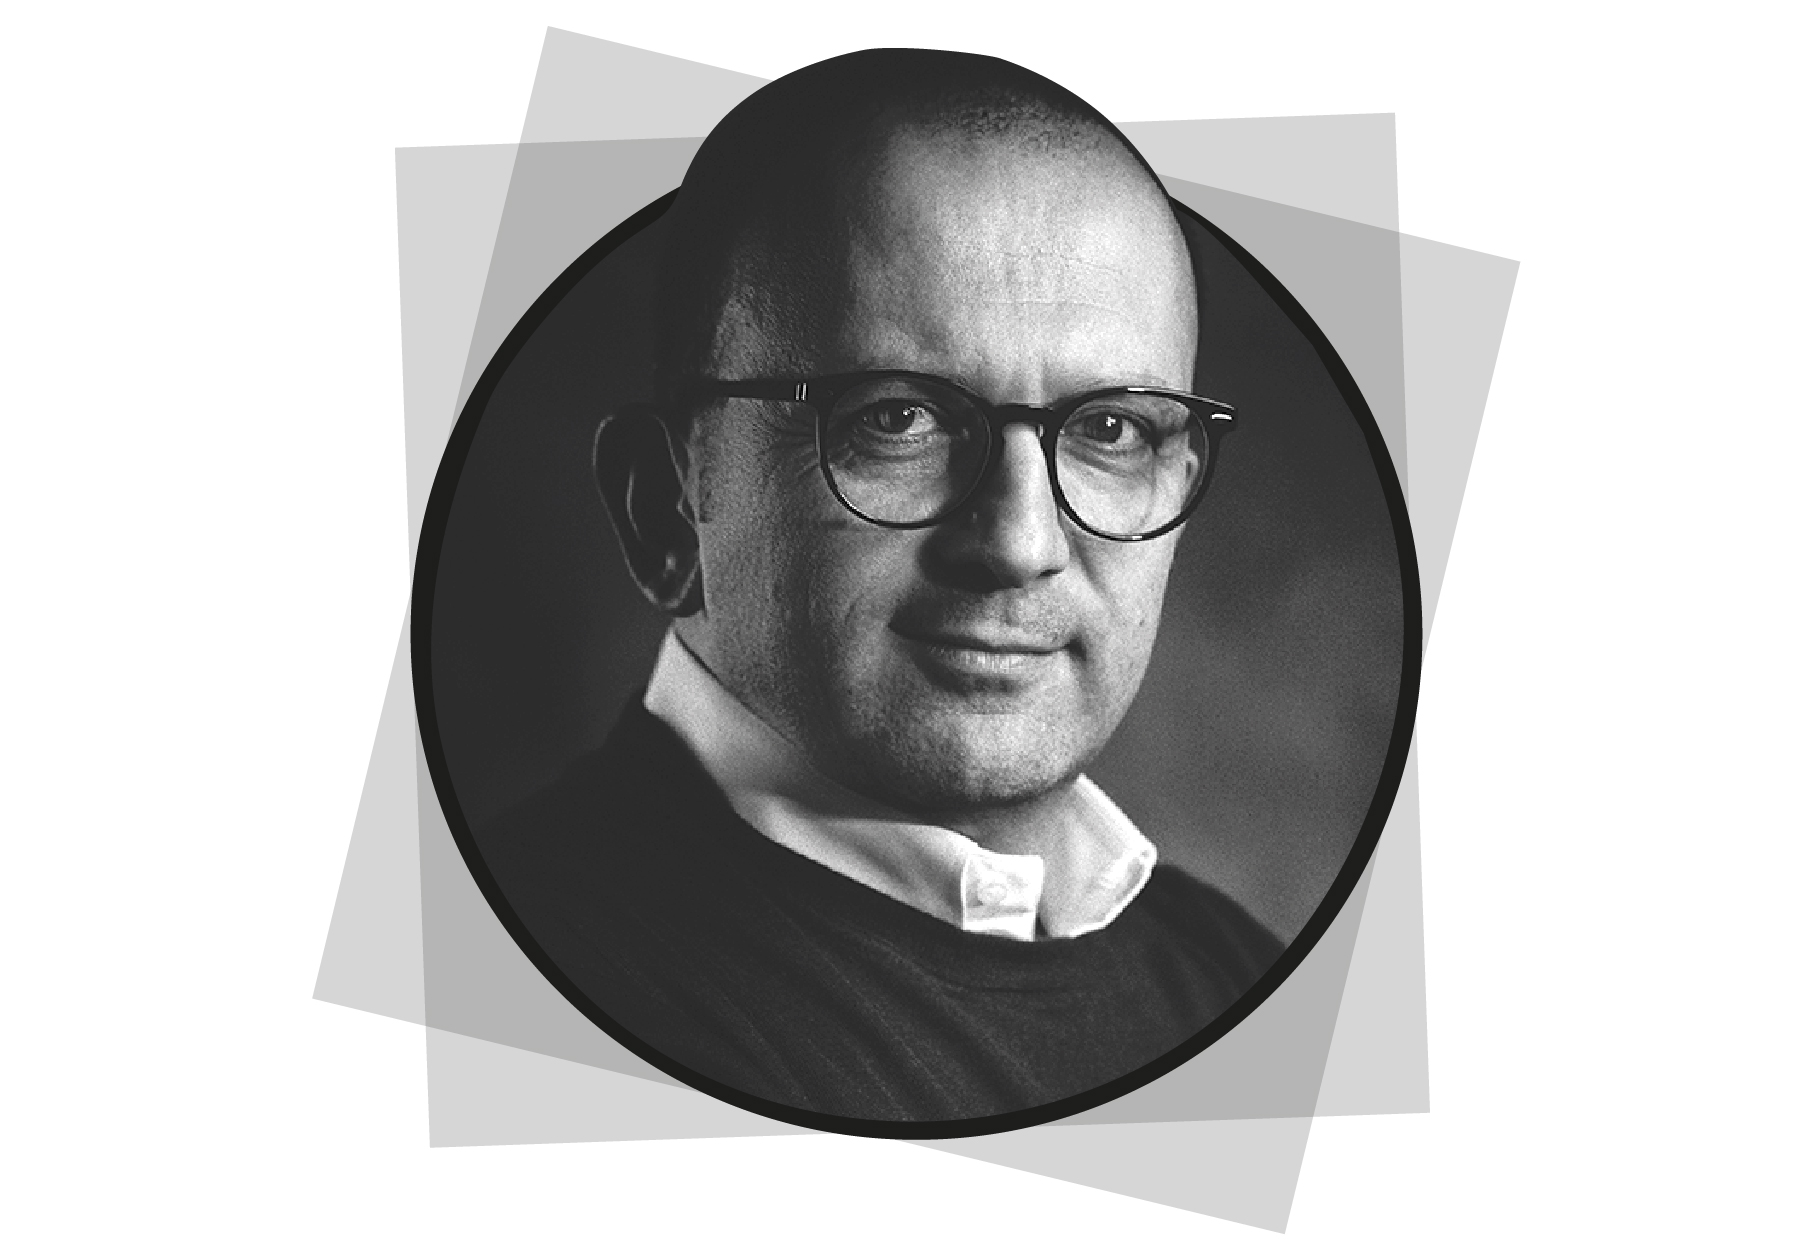 Paolo Pampanoni